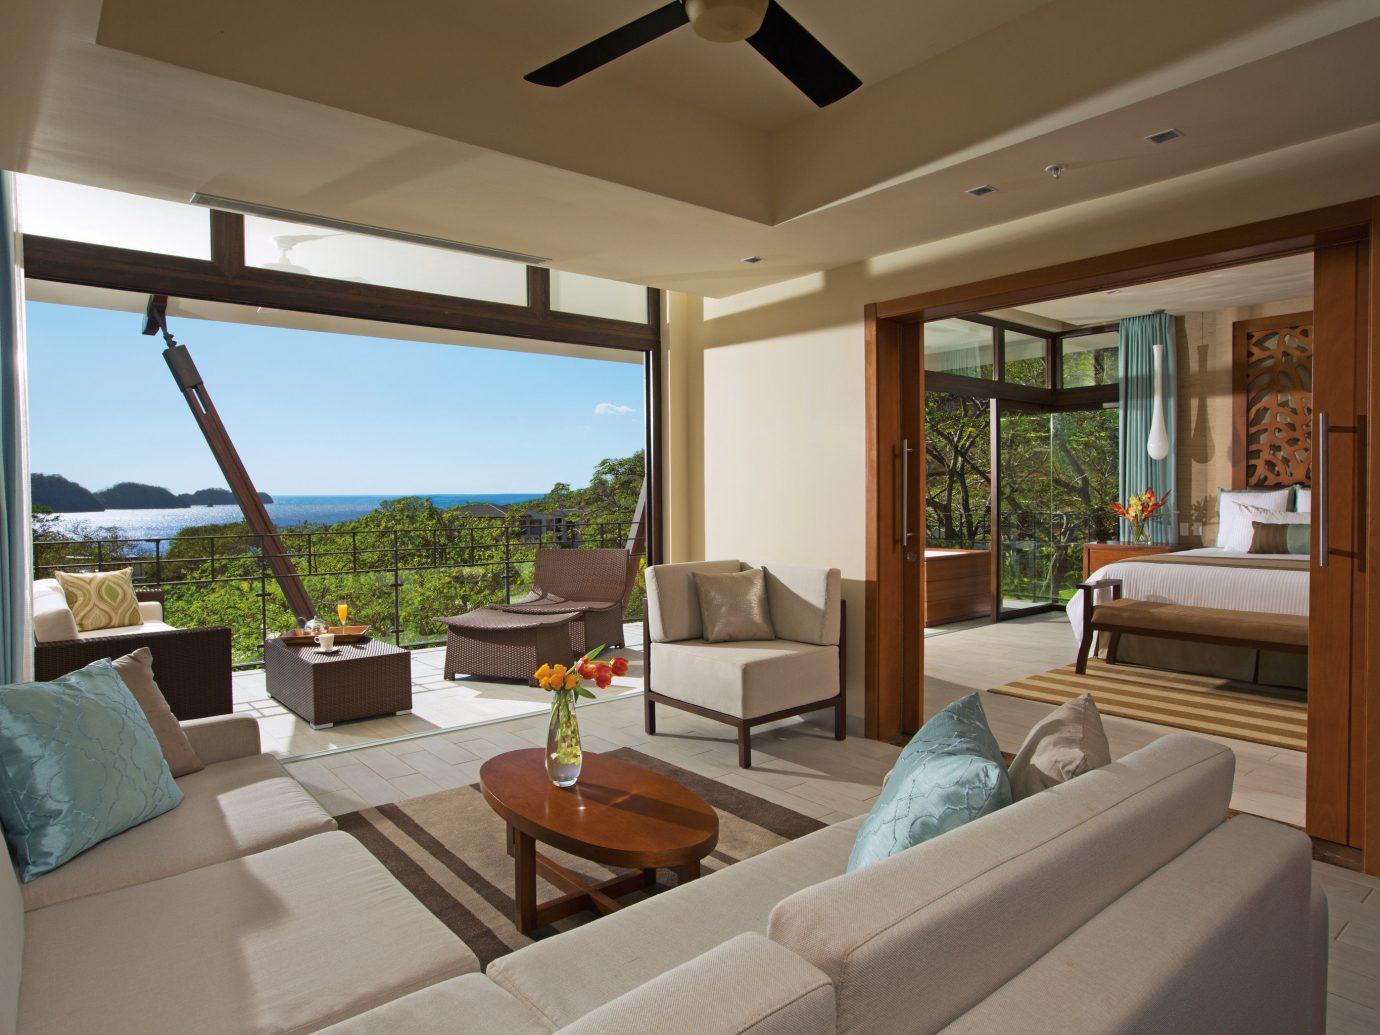 Dreams Las Mareas suite in Guanacaste, Costa Rica